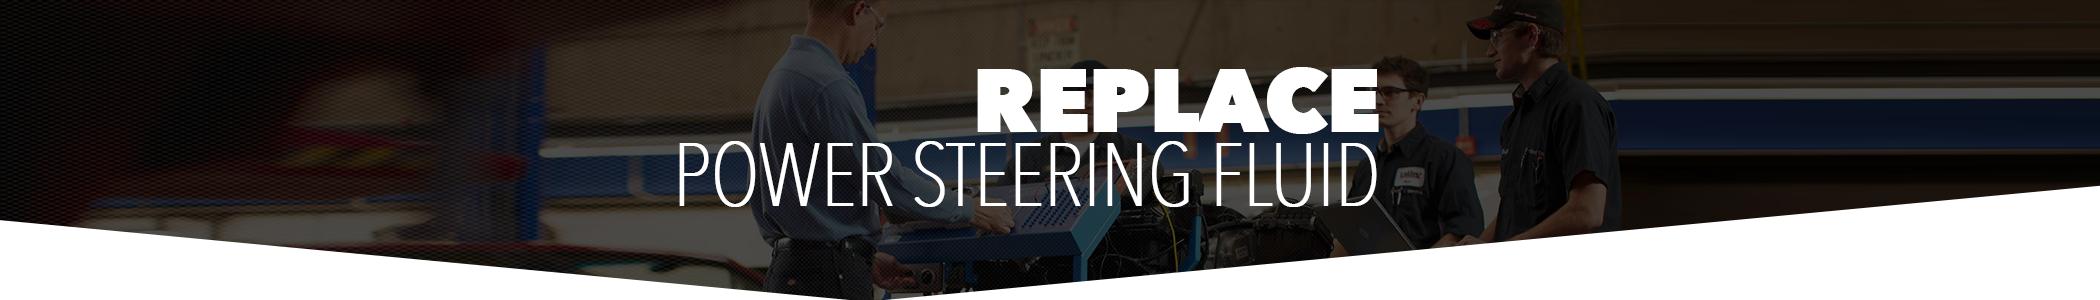 Replace GM Power Steering Fluid in Jacksonville, FL | Coggin